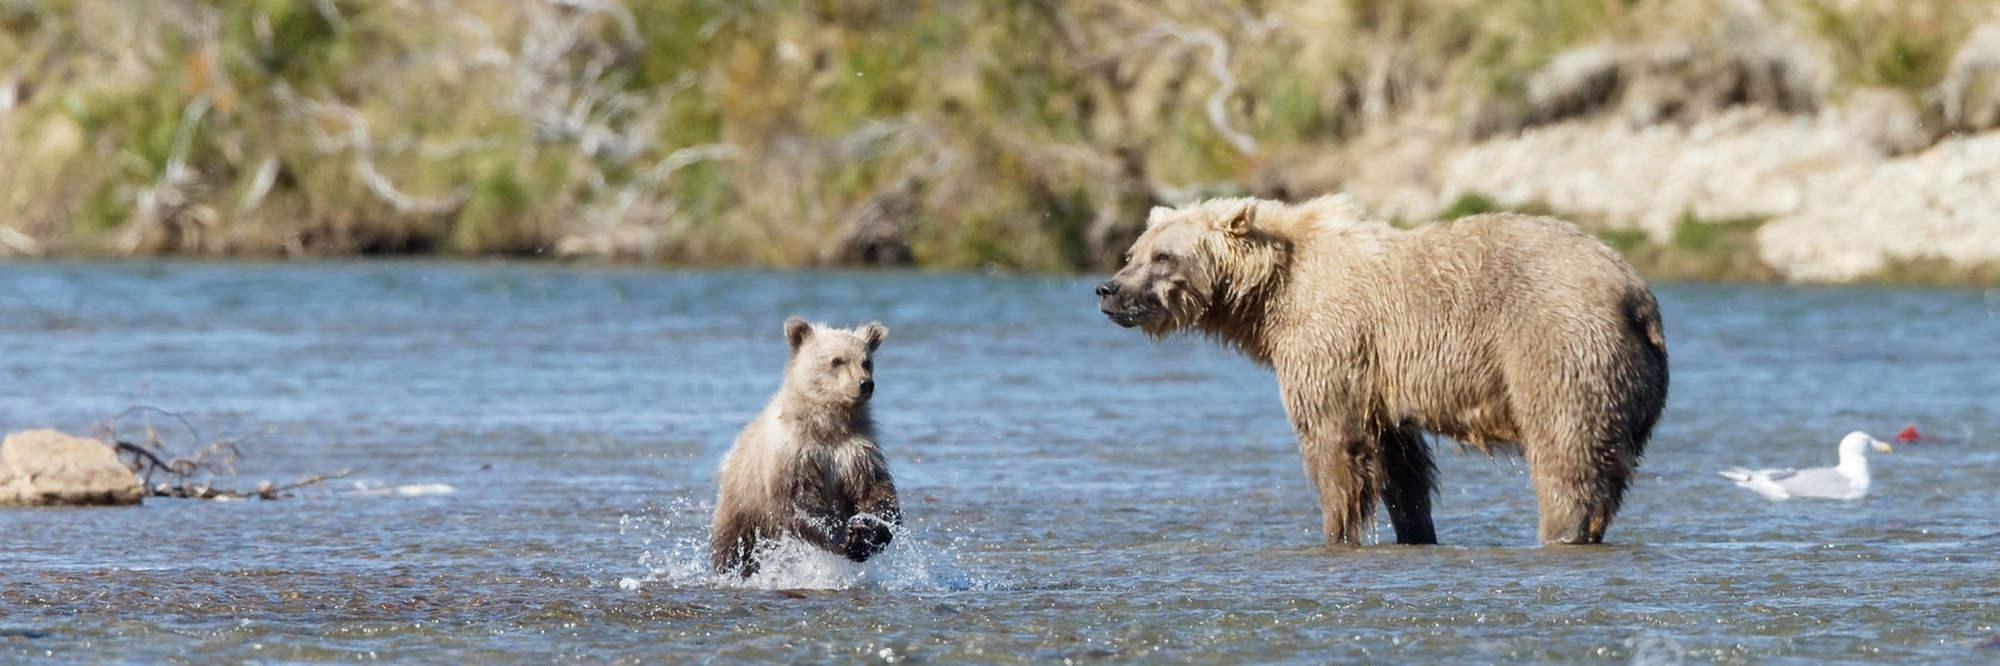 header foto tips in berenland